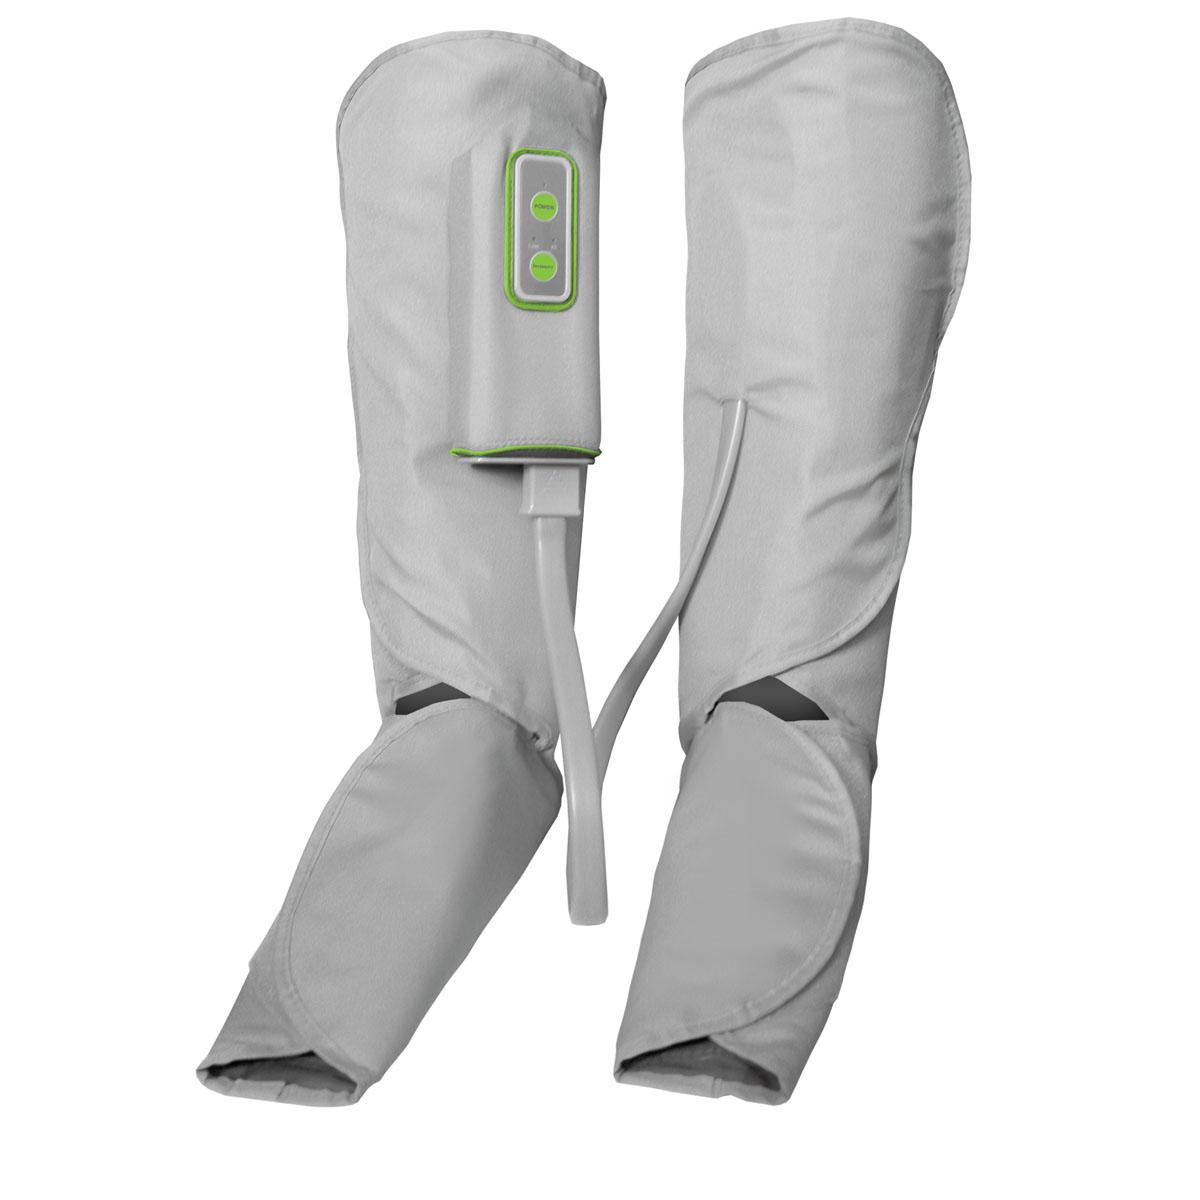 Gezatone Аппарат для прессотерапии и лимфодренажа ног Light Feet AMG7091301145Gezatone AMG709 - компрессионный массажер для ног. Благодаря функции прессотерапии стоп и икр массажер улучшает местную циркуляцию крови, снимает спазм мышц, обладает выраженным лимфодренажным эффектом, позволяя быстро снять отеки и устранить неприятные ощущения.Прессотерапия – это давно зарекомендовавшая себя методика воздействия на мягкие ткани путем изменения давления. Компрессия, создаваемая прибором, мягко , но эффективно, стимулирует деятельность кровеносных и лимфатических сосудов, улучшает обменные процессы, нормализует тонус мышечных волокон. Благодаря портативному прибору для прессмассажа ног Light Feet Вам больше не придется оставлять значительные суммы в салонах – ведь теперь Вы можете сами использовать этот эффективный и действенный метод воздействия у себя дома.Использование массажера для ног освобождает ткани от токсинов и шлаков, восстанавливает водно-солевой баланс, что препятствует образованию отеков. Нагнетание давления от периферии к центру усиливает ток крови, улучшает работу сосудов. Ежедневное применение всего по 10-15 минут помогает быстро восстановиться, избавиться от дискомфорта в ногах, улучшить самочувствие.Прибор подходит как мужчинам, так и женщинам, он очень прост и удобен в применении.